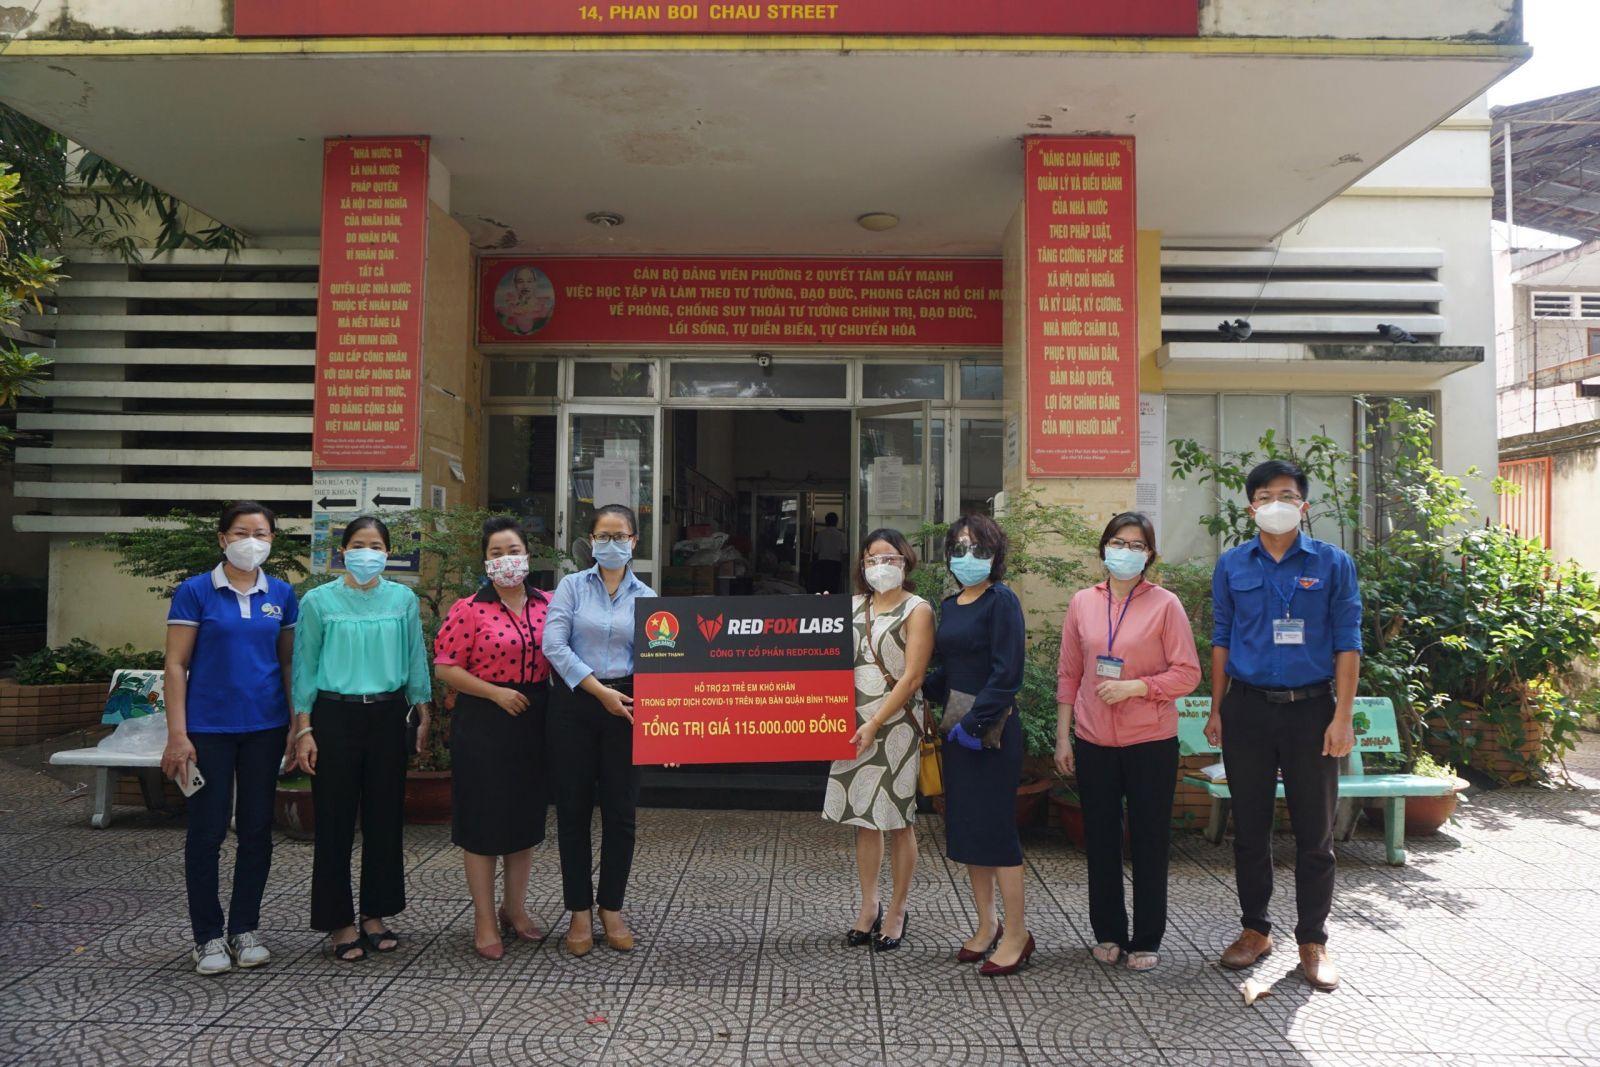 Hỗ trợ 35 trẻ em mồ côi cha hoặc mẹ vì COVID-19 tại Quận Bình Thạnh, TP.HCM